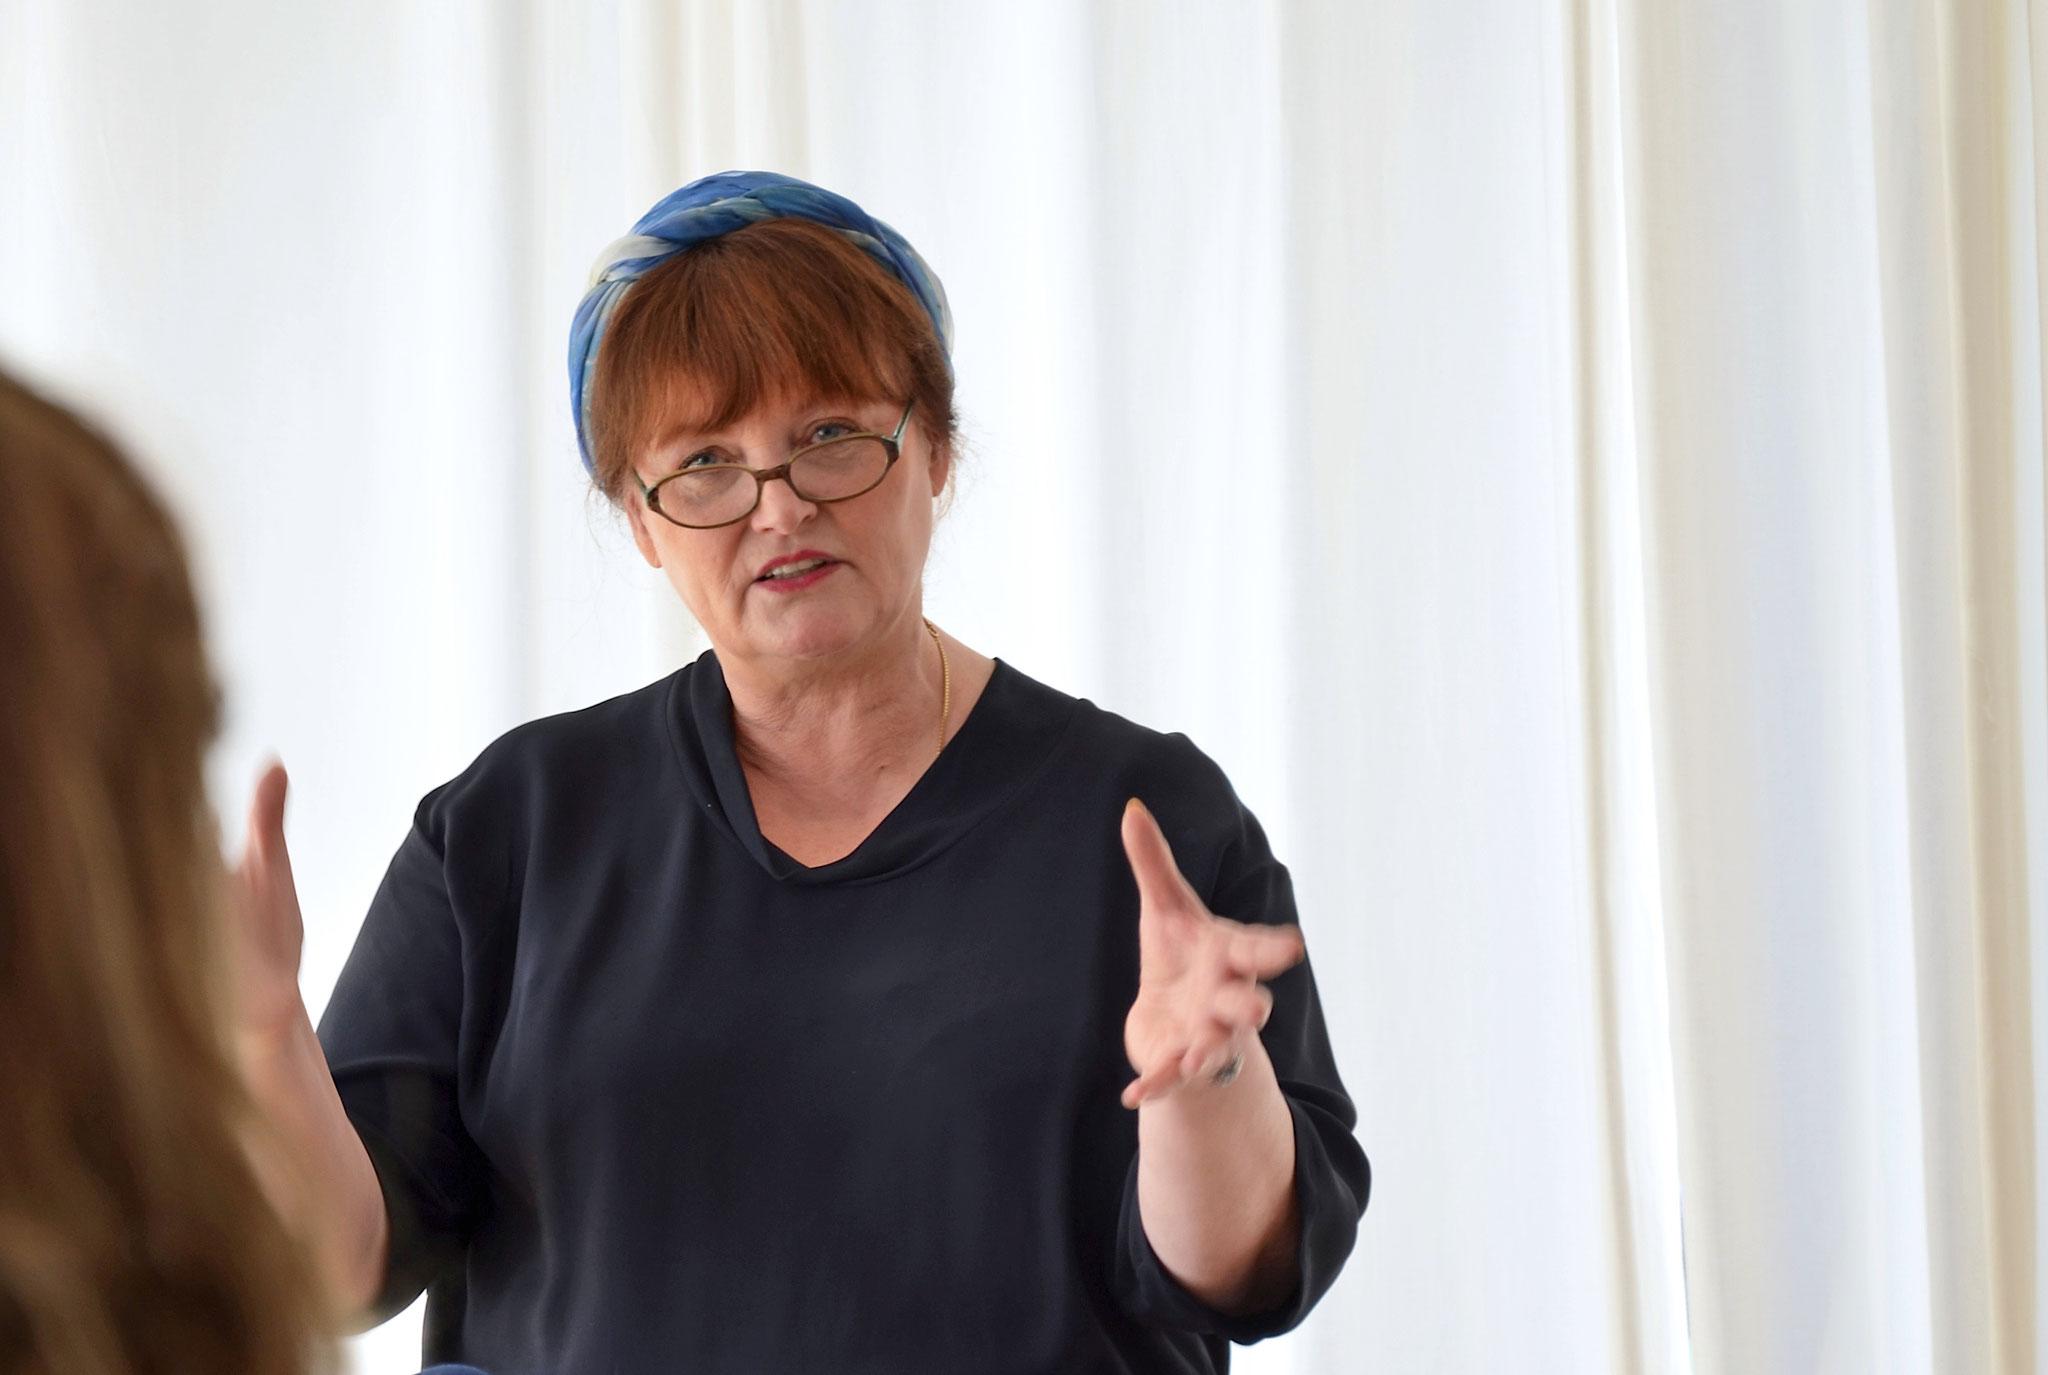 Aktuelle Kurse, Vorträge, Seminare von der Homöopathin, Dozentin und Autorin Gudrun Thielmann